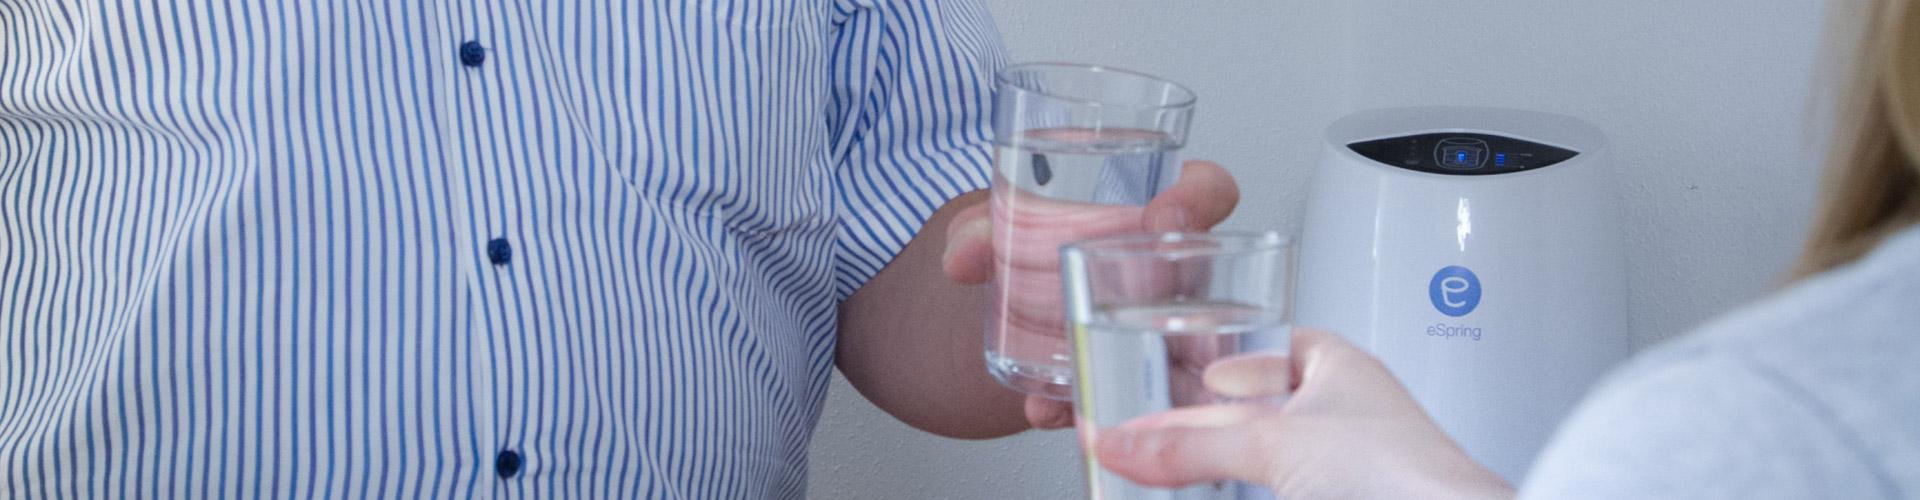 Jürgen Viesel trinkt aus einem Glas gesundes Trinkwasser